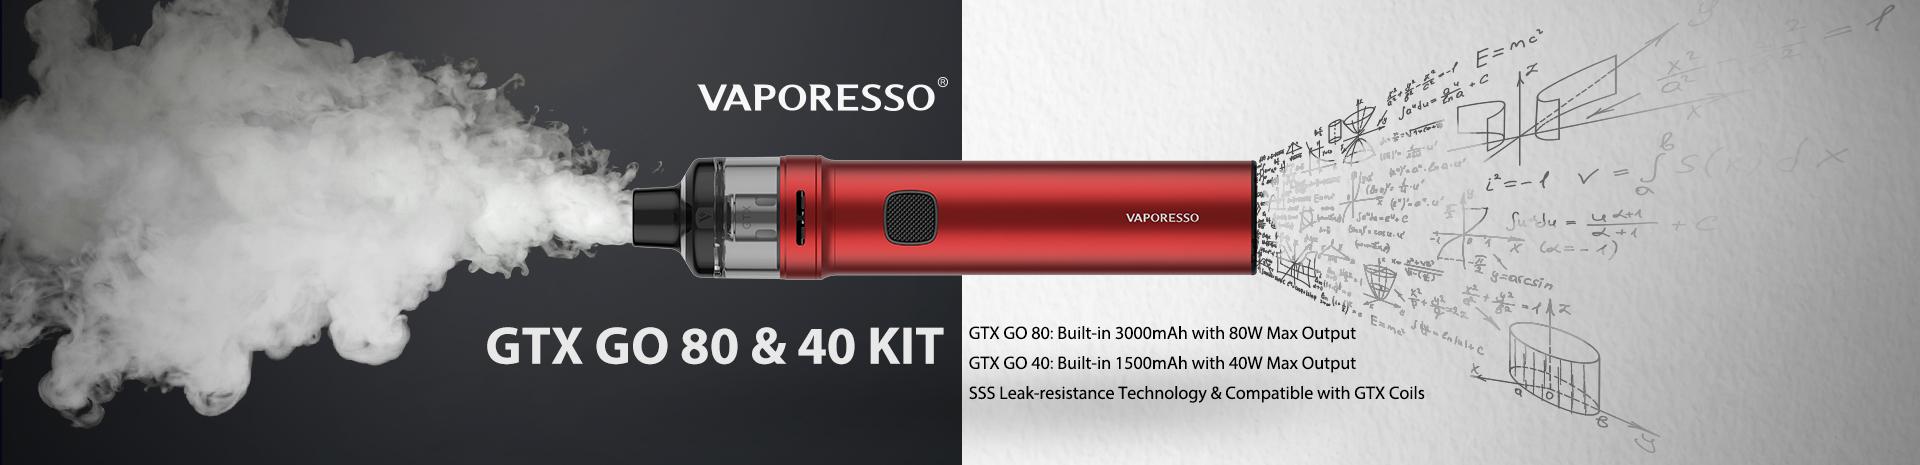 Vaporesso GTX GO 40 and 80 Kit Banner